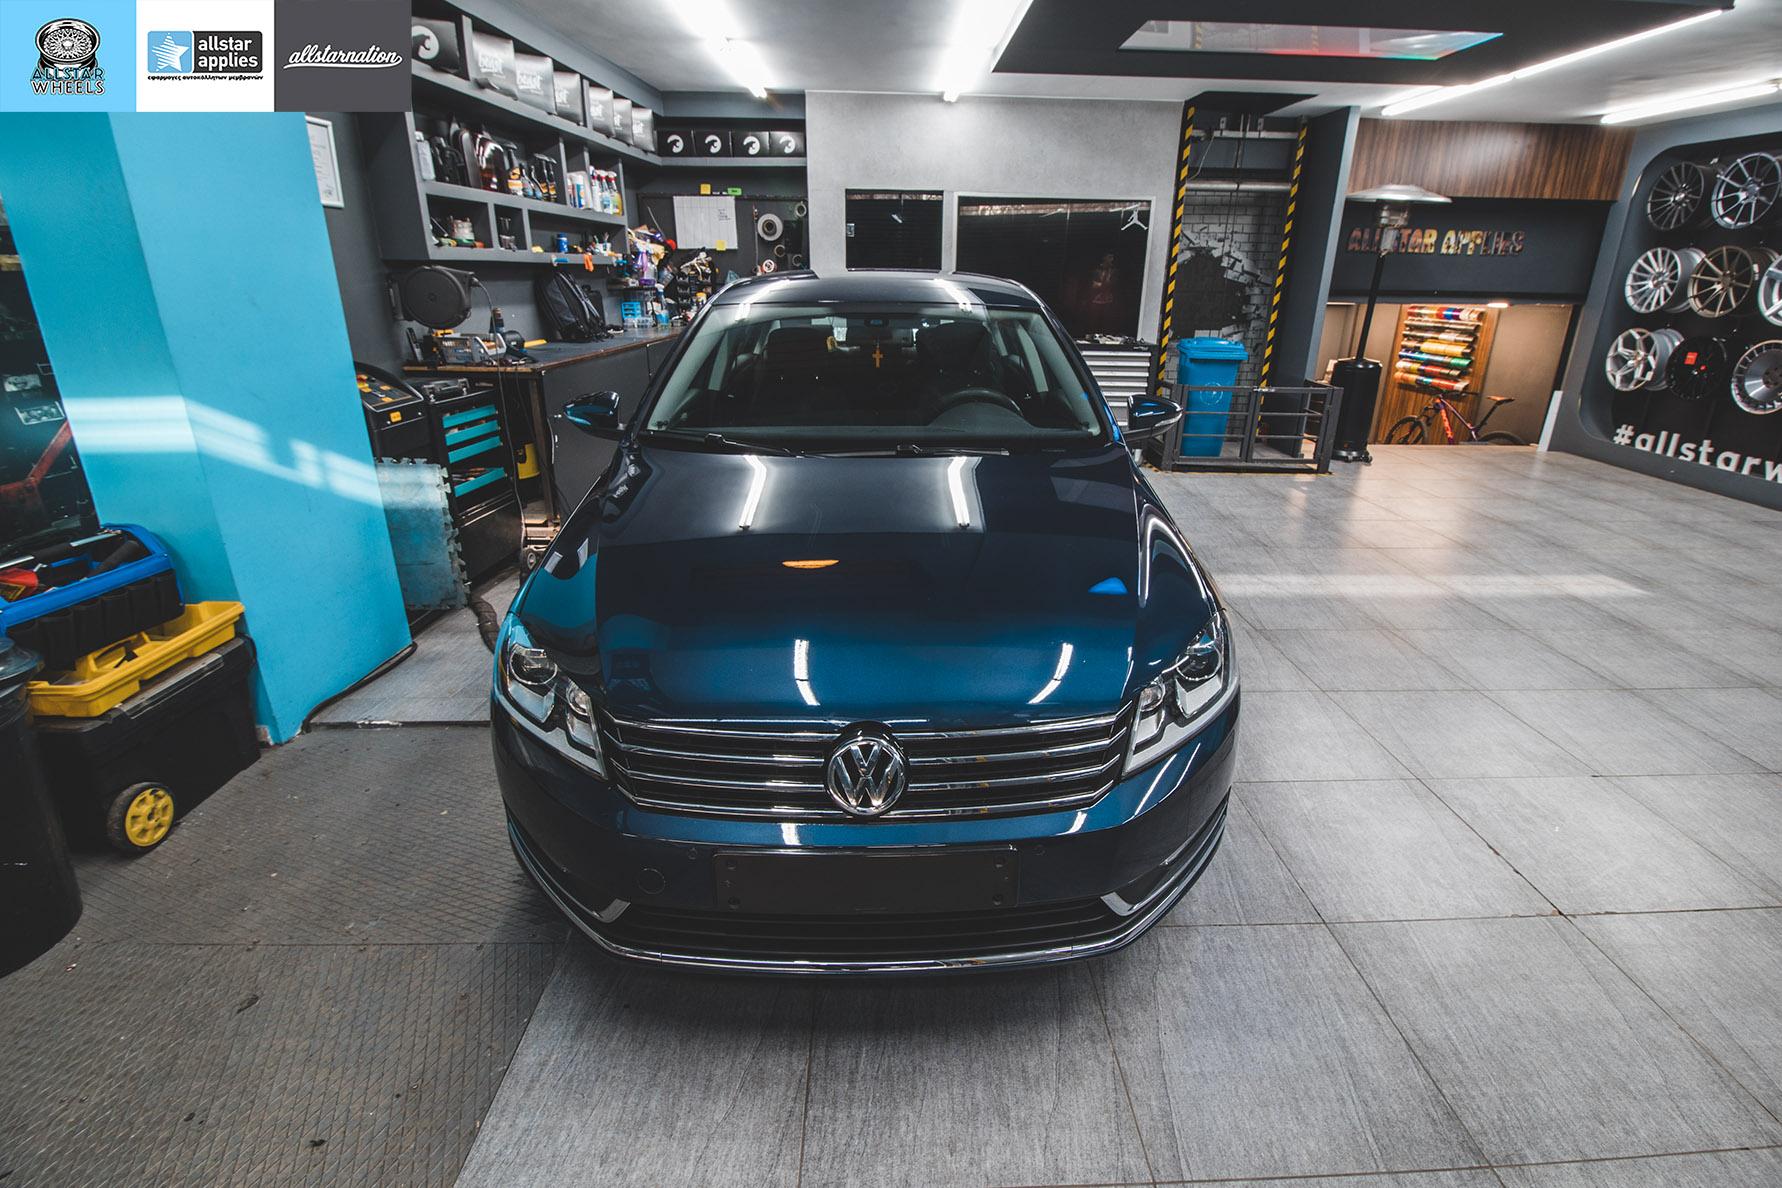 Μεμβράνες αλλαγής χρώματος σε VW Passat στη θεσσαλονίκη Allstar Applies